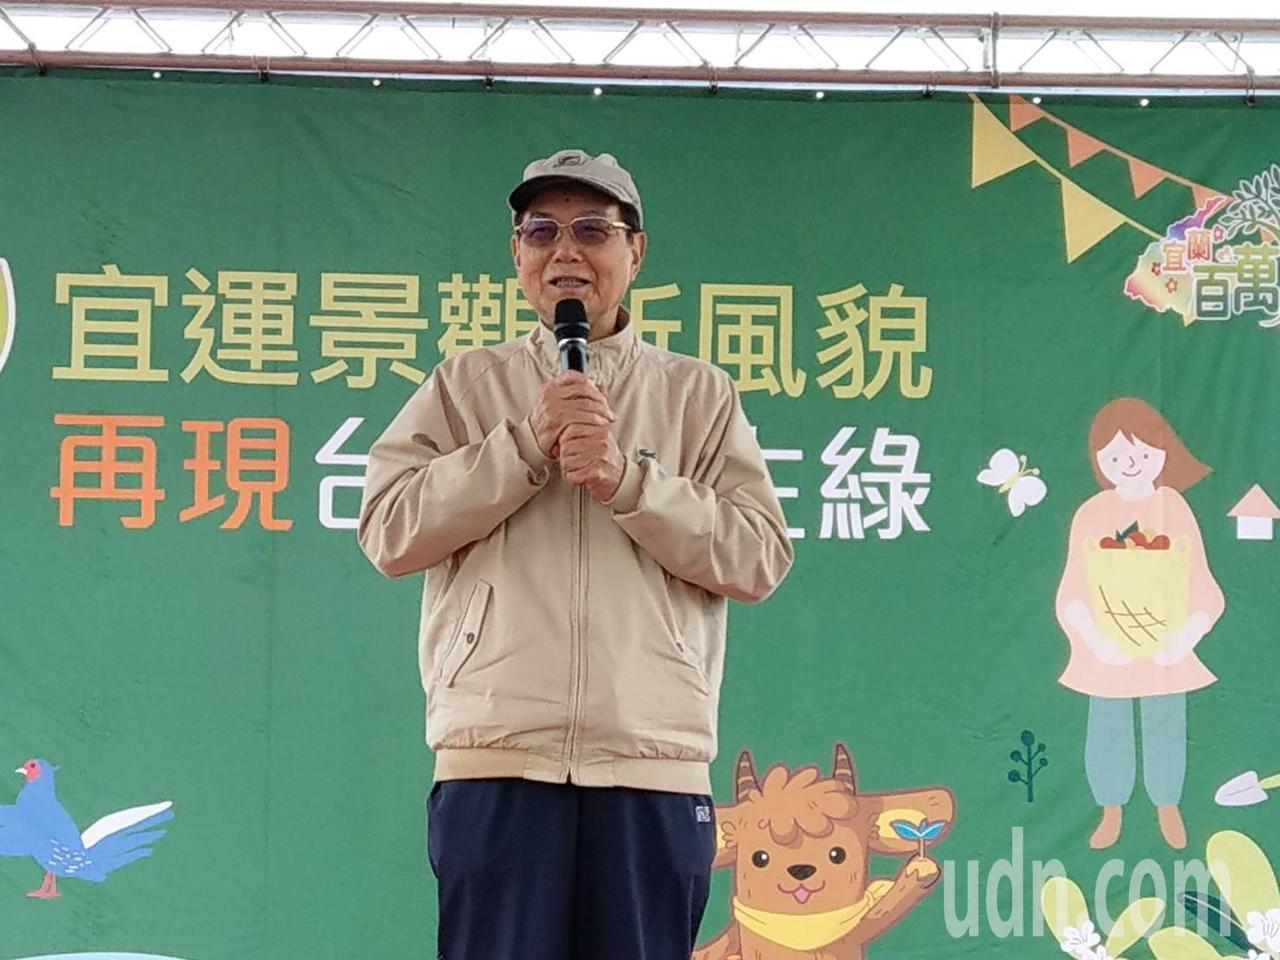 陳定南生前好友林光義參加植樹活動時爆料。 記者戴永華/攝影